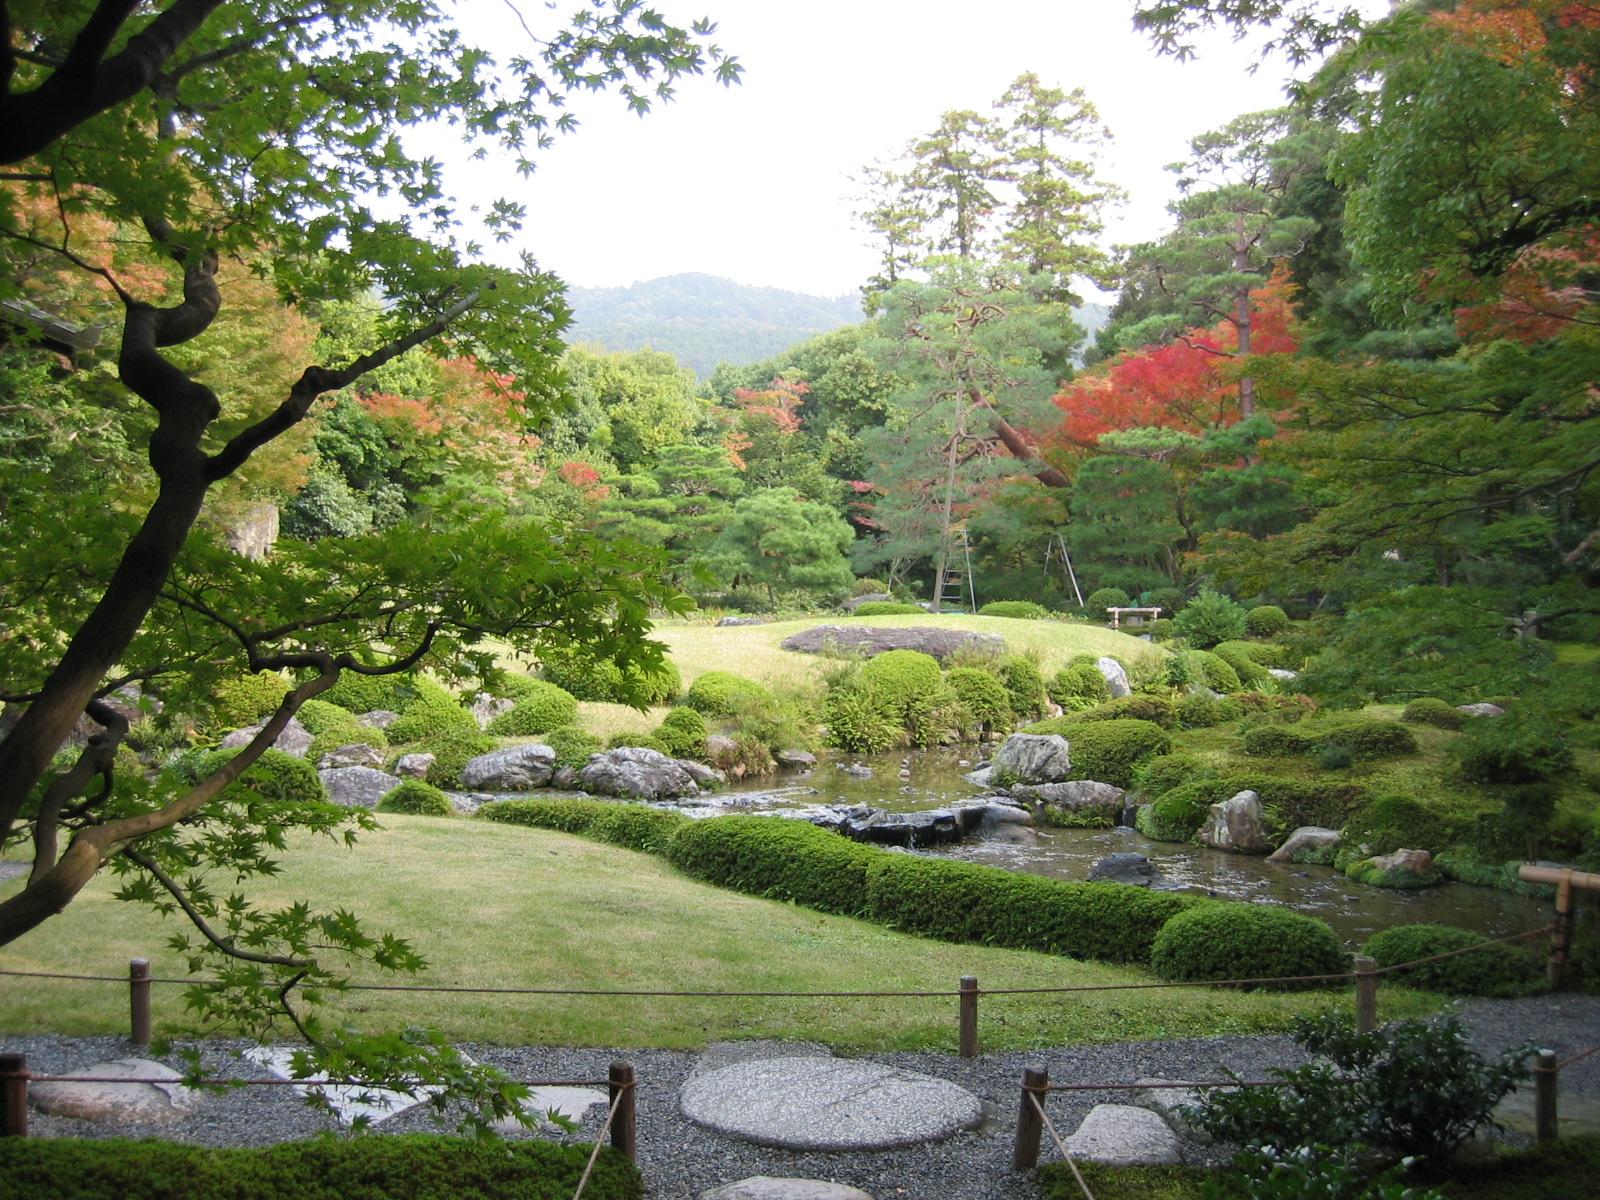 庭園の維持管理  樹木の剪定について  野村 脩/東海造園